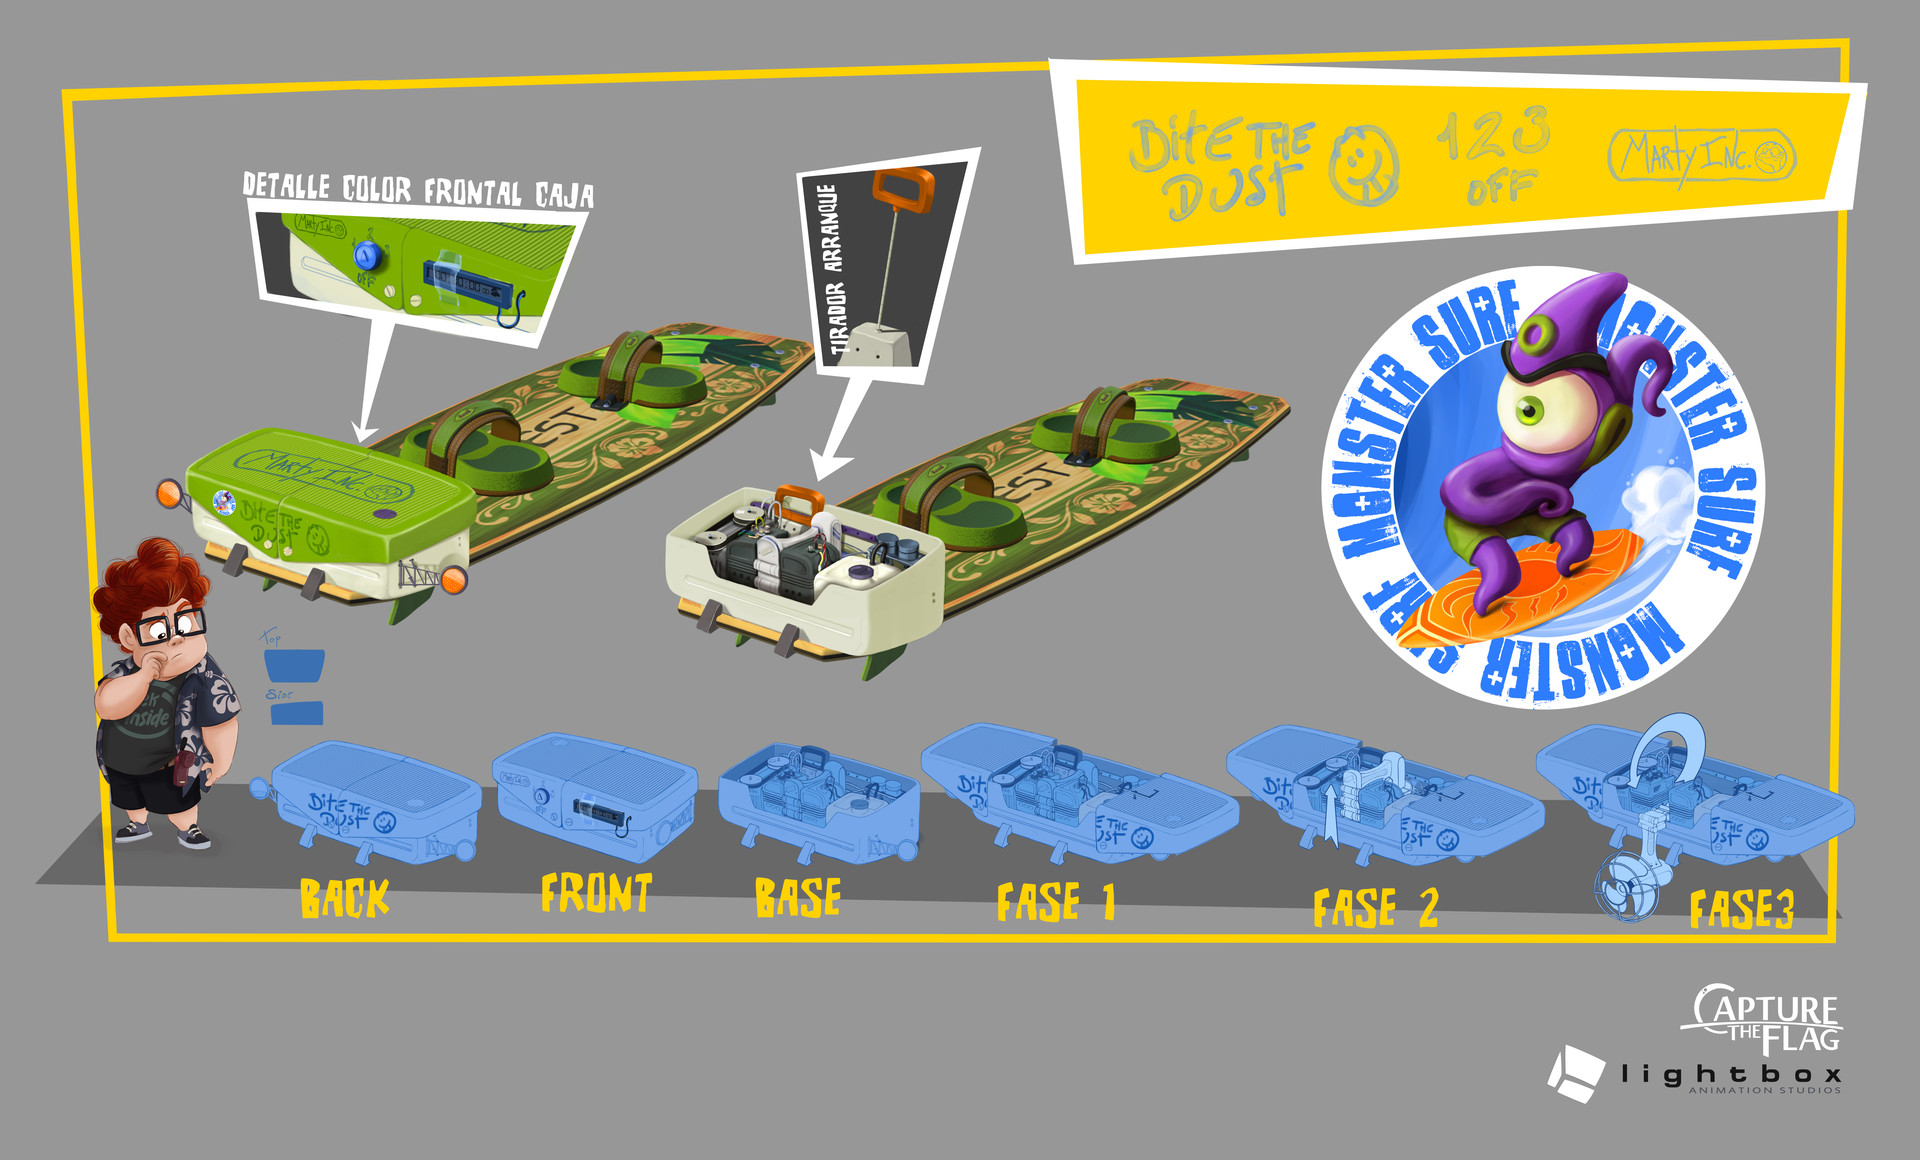 Angel oromendia prp kitesurfboard cpt development boxdetailvariation